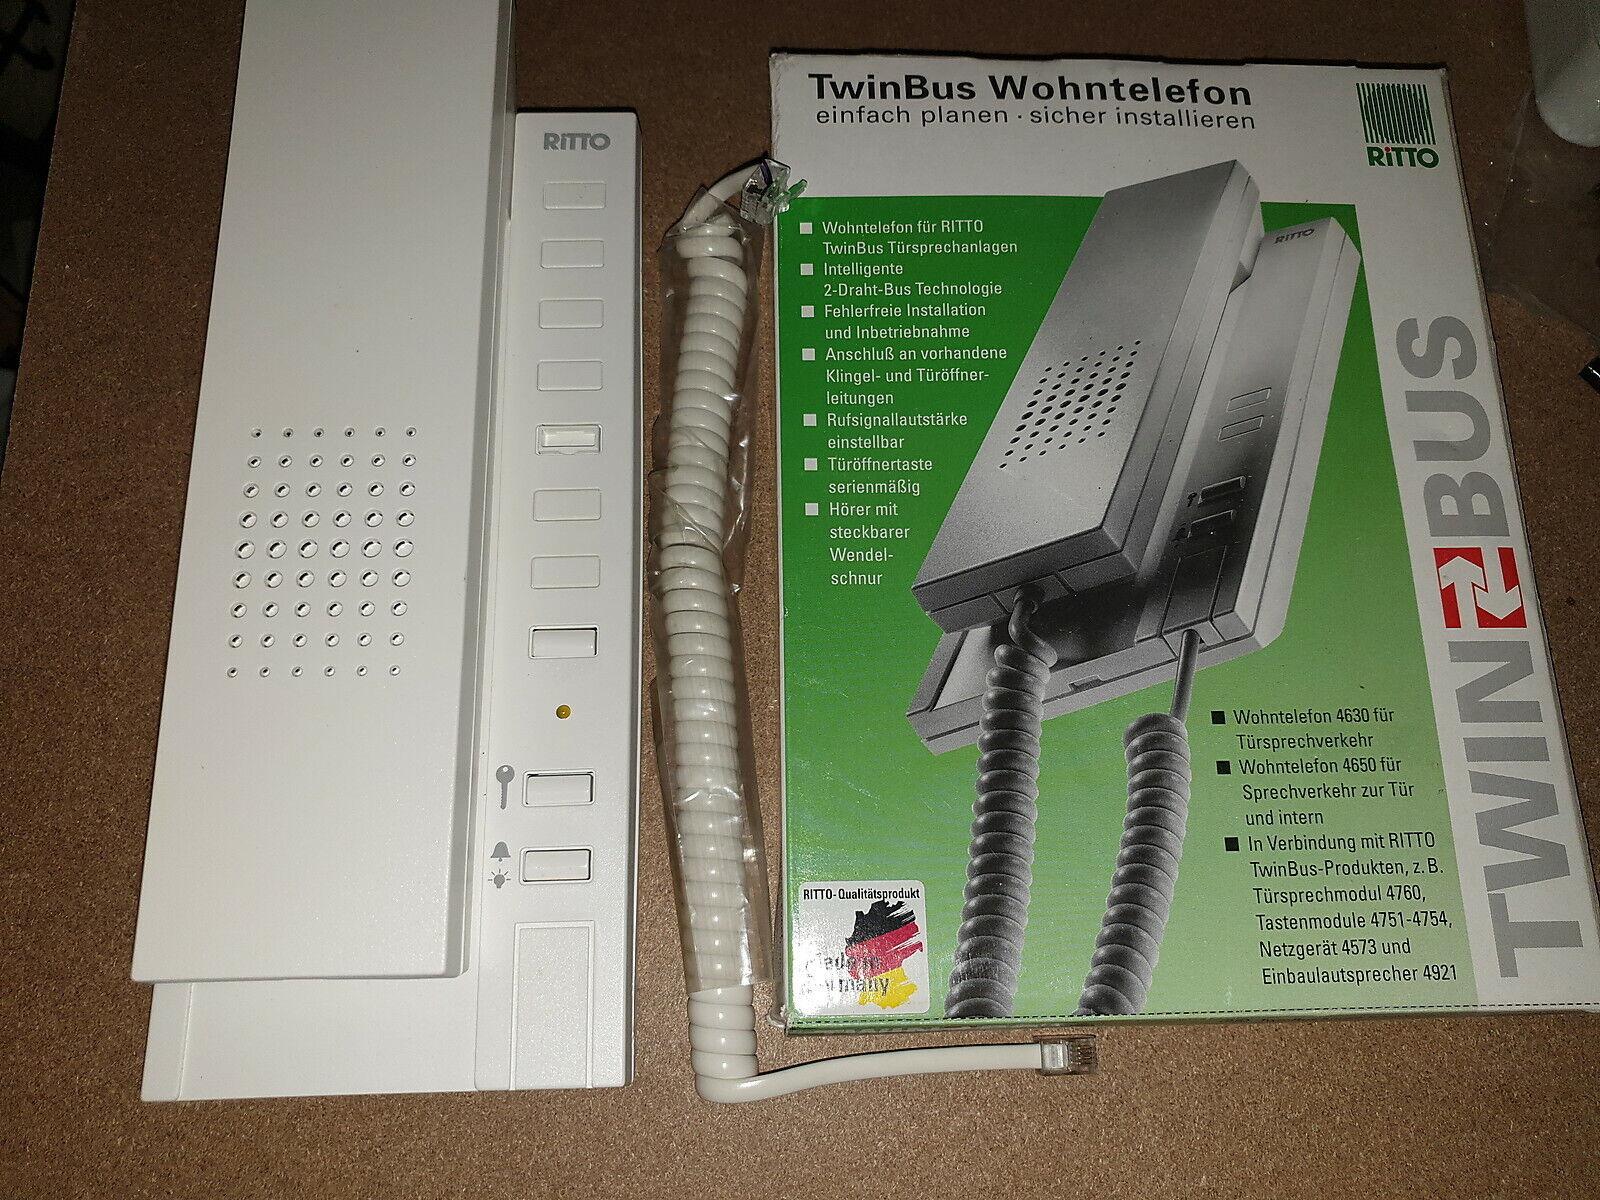 Ritto 4210 70 Wohntelefon Concierge weiß TwinBus Sprechanlage NEU 4210.0.008.03